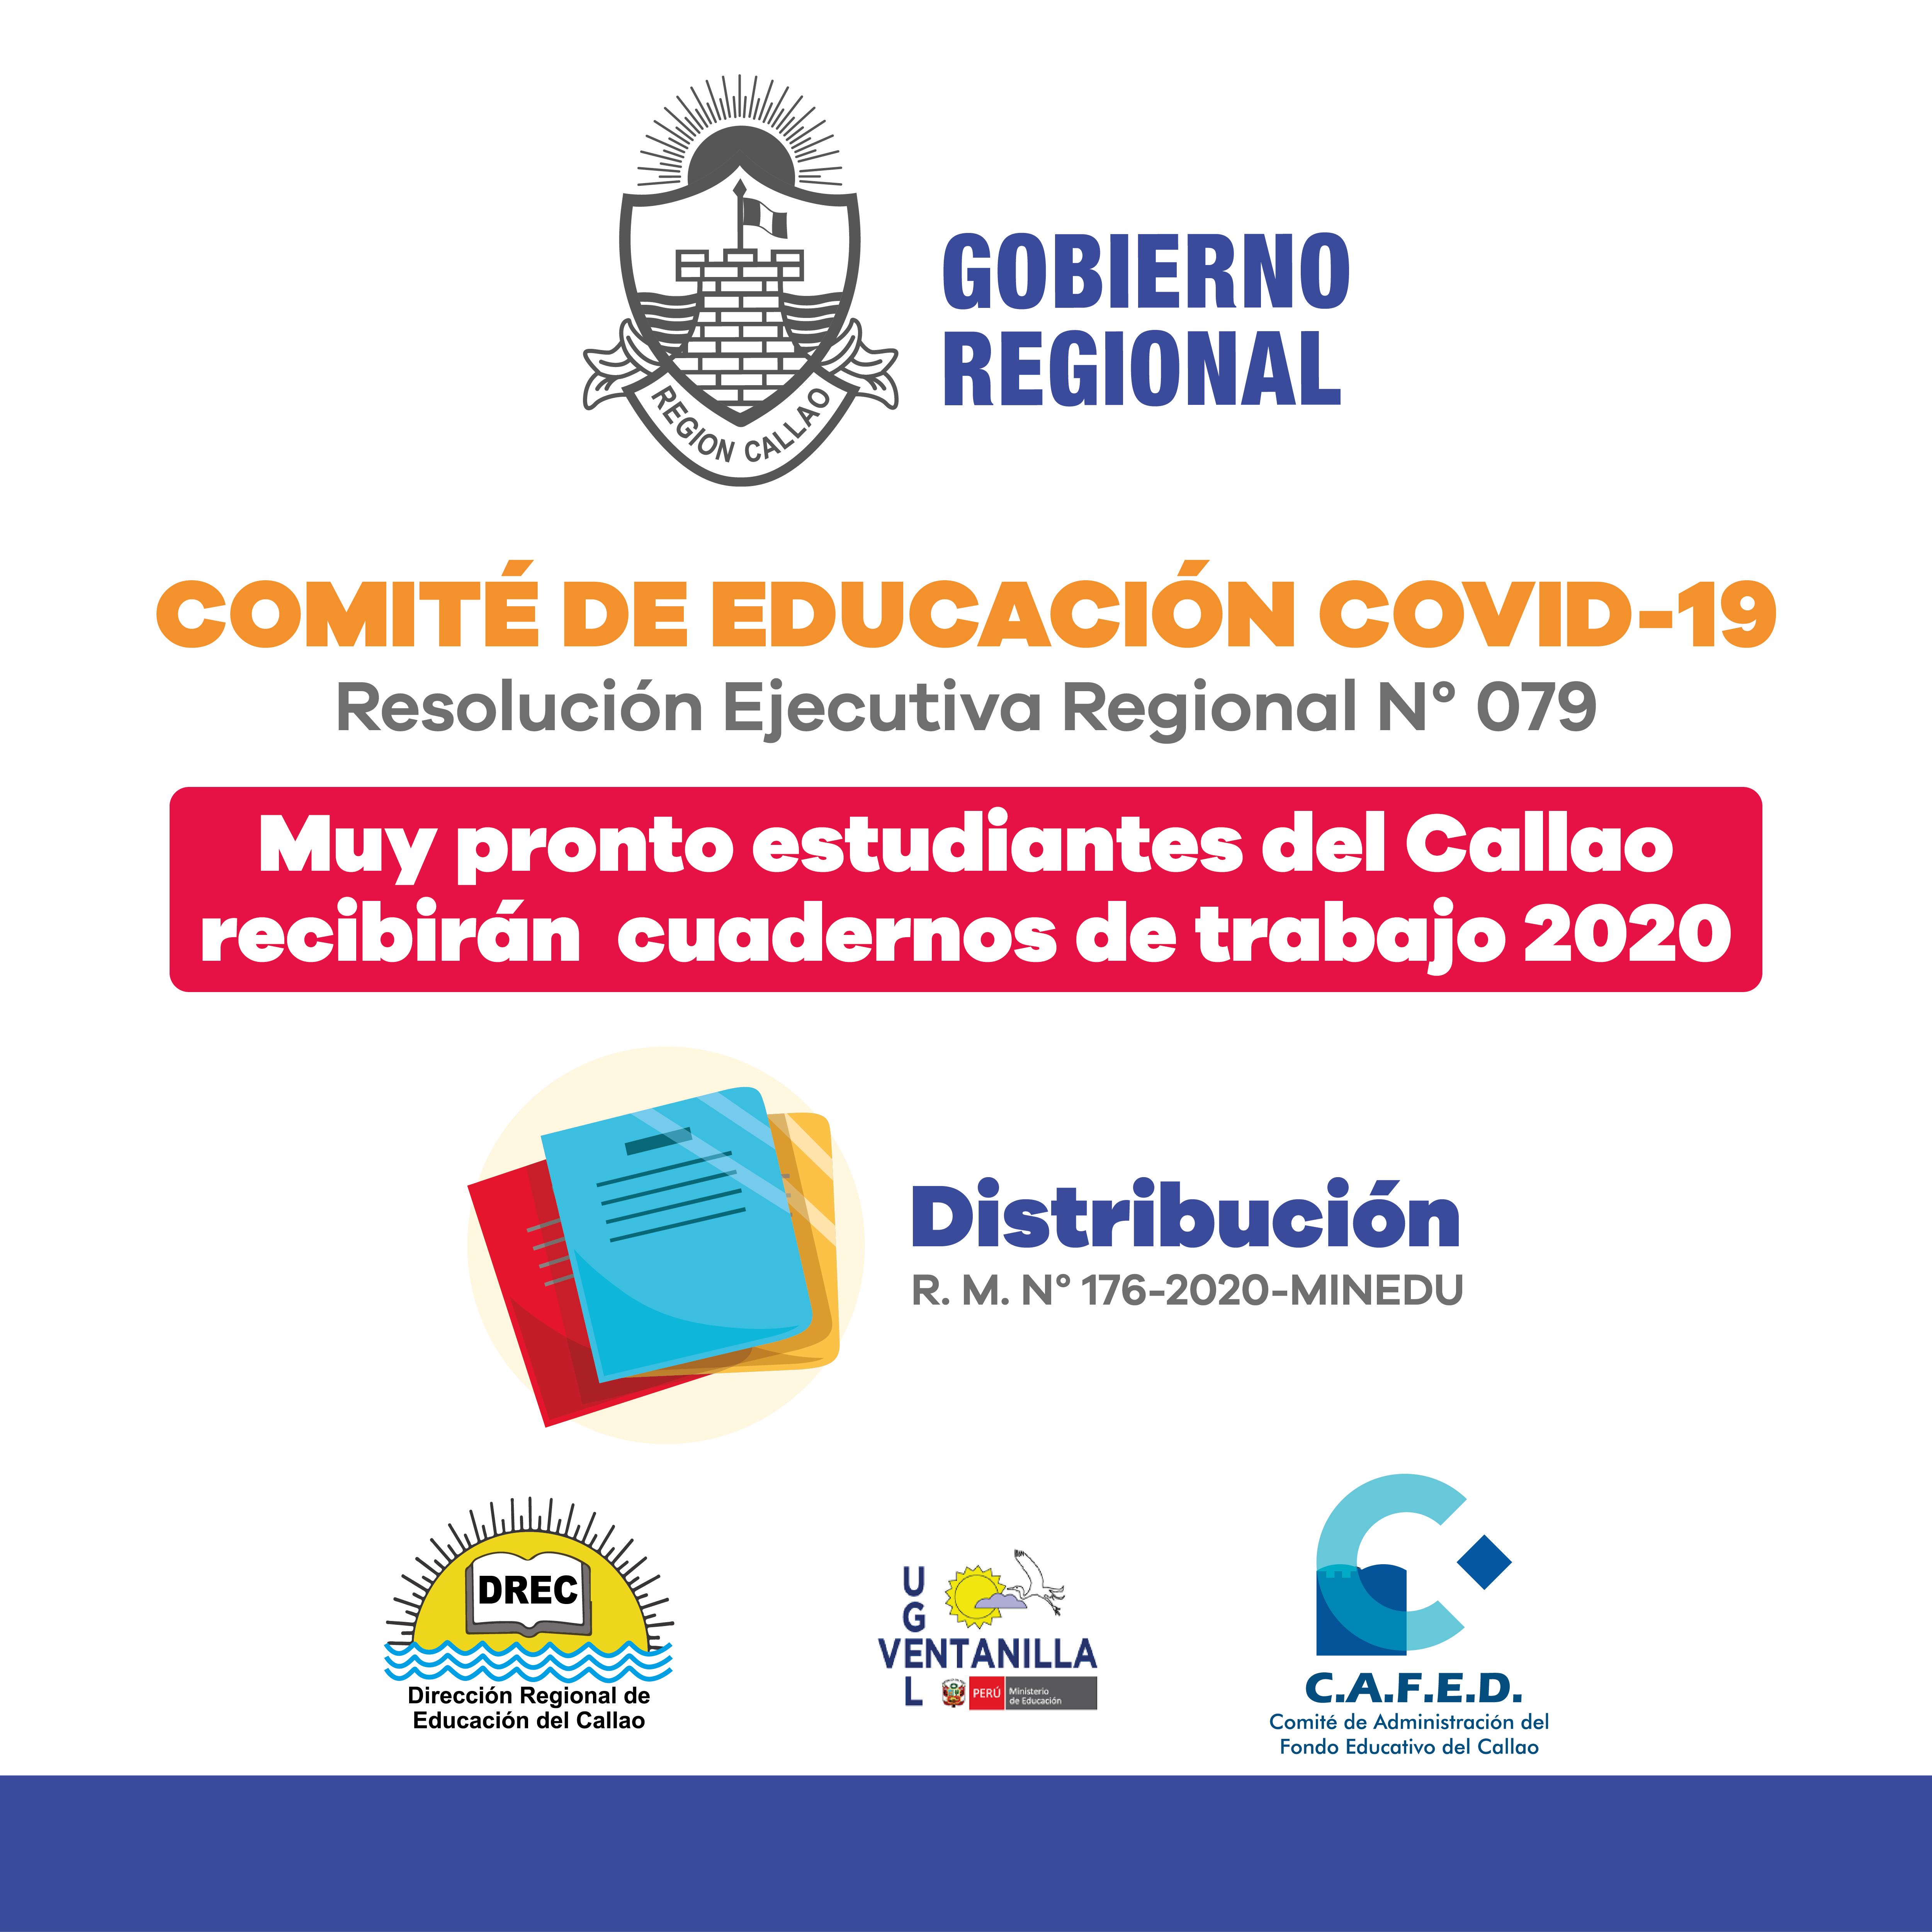 DISTRIBUCIÓN DE CUADERNOS DE TRABAJO 2020